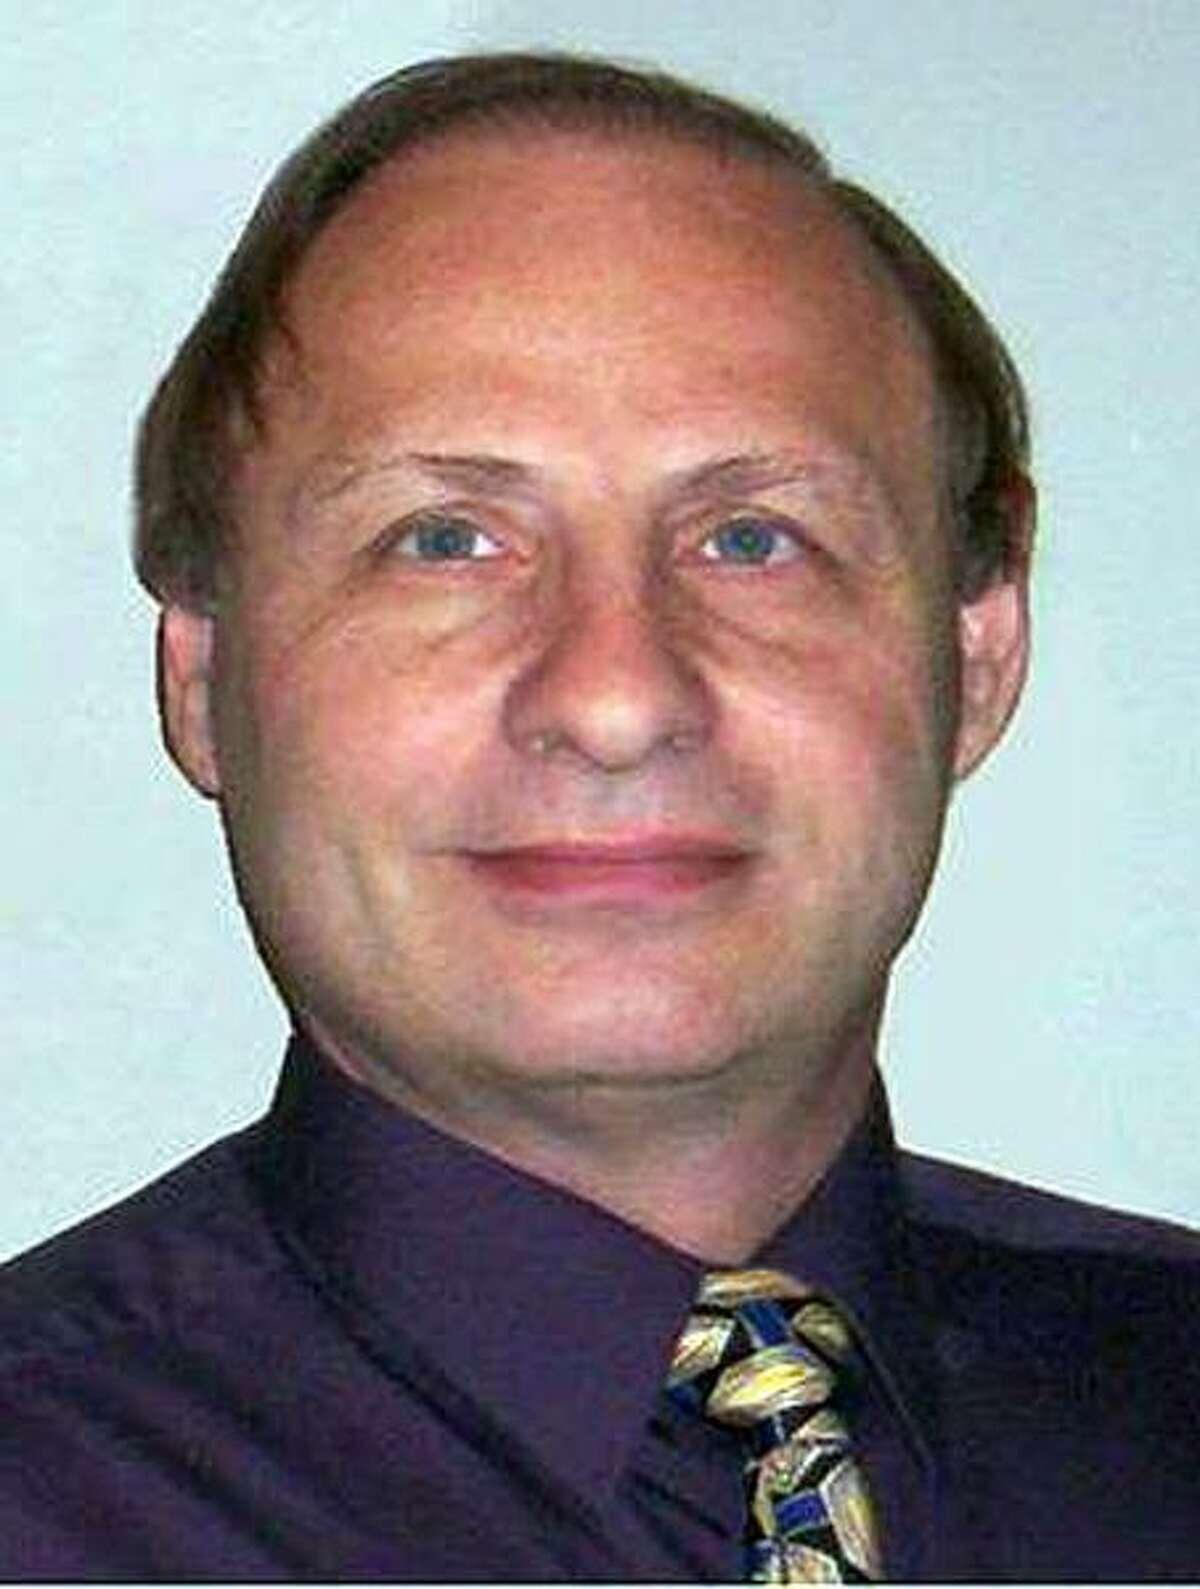 David Scagliola -- Schertz city council candidate. HANDOUT